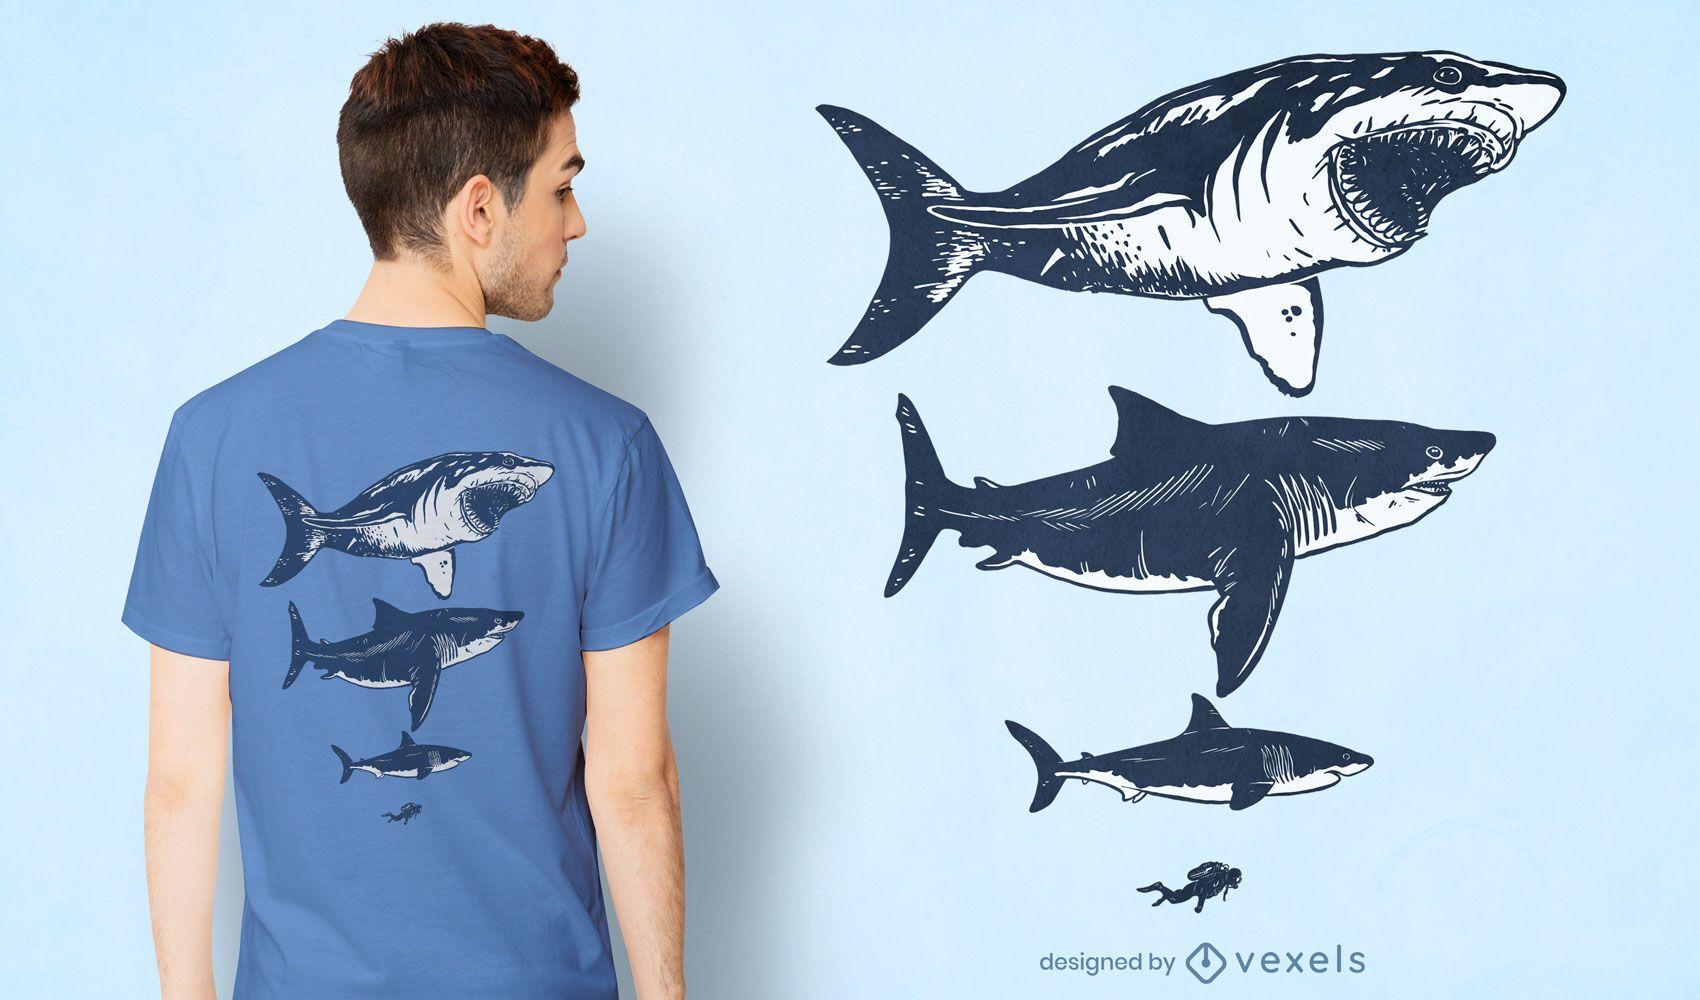 Dise?o de camiseta de tiburones y buceadores.